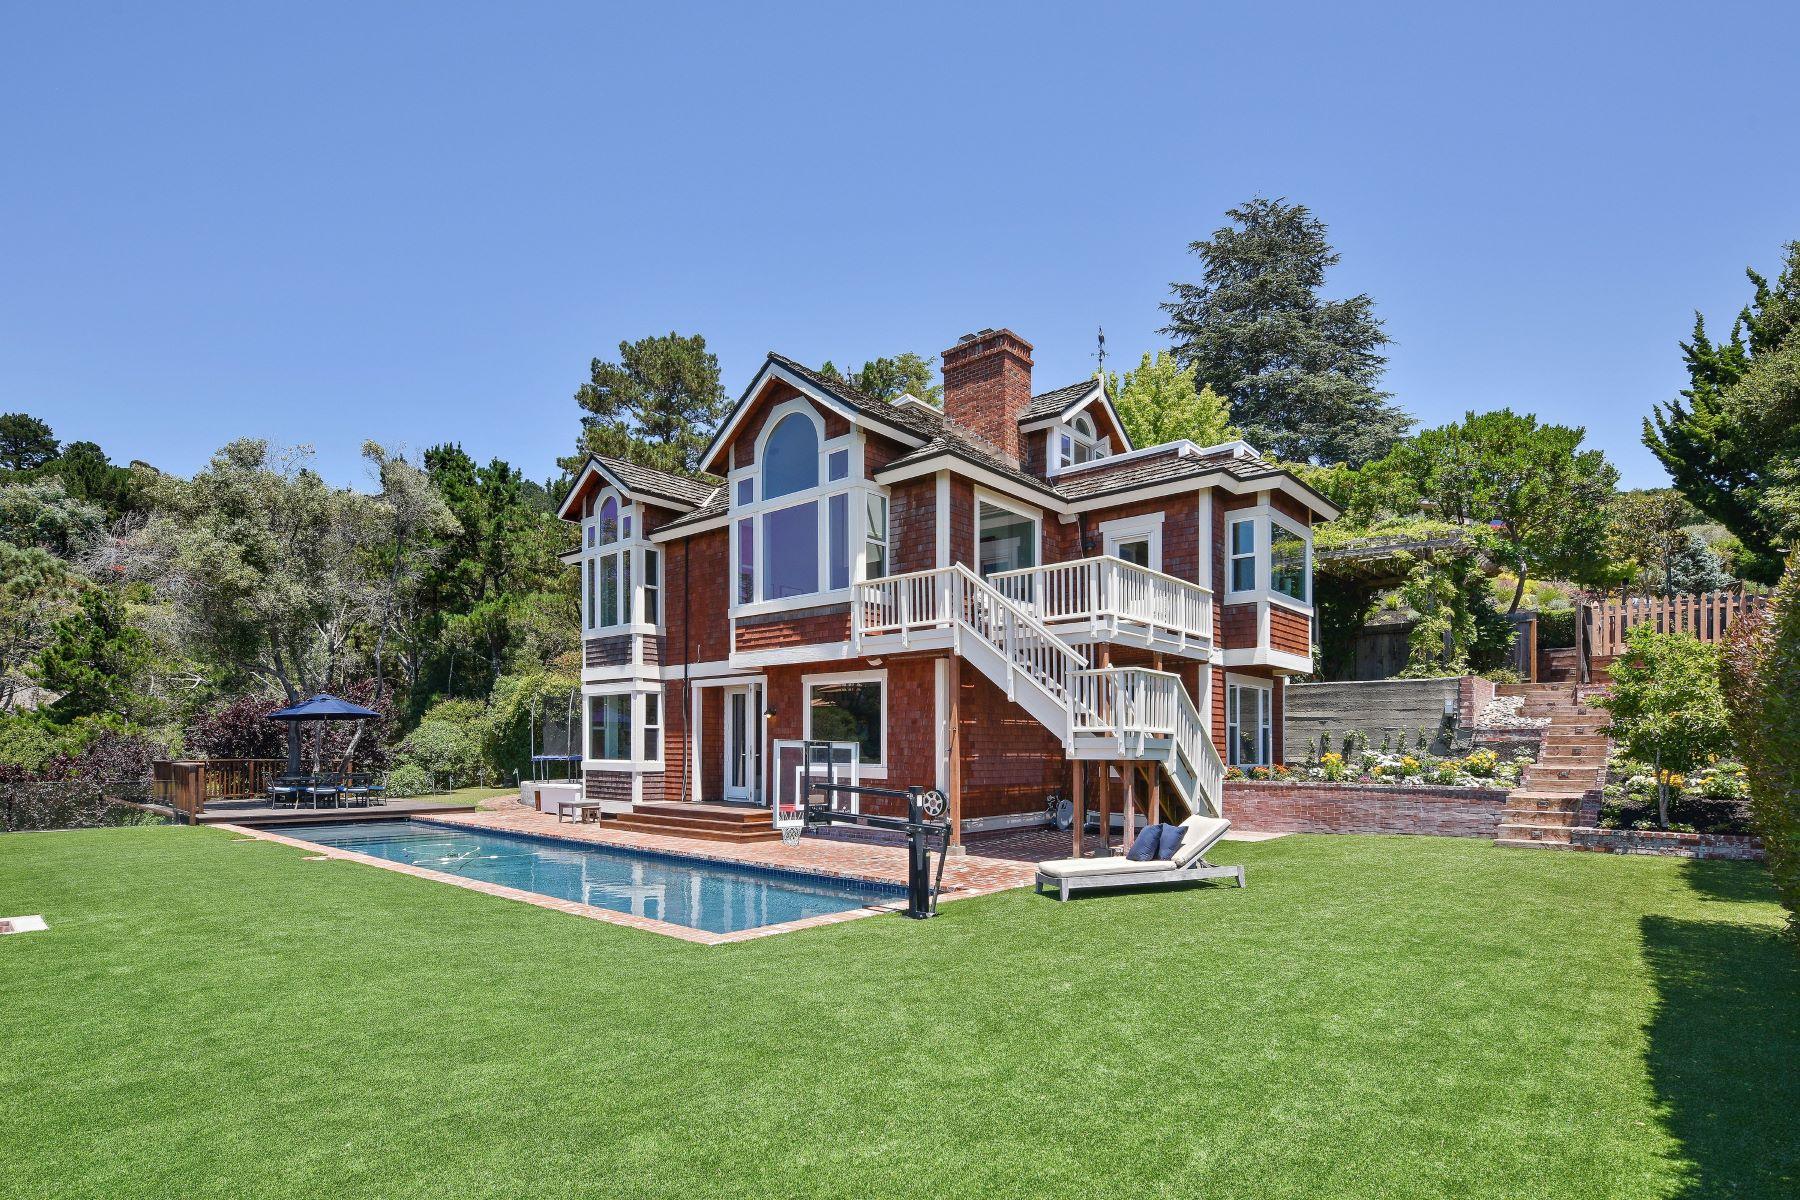 一戸建て のために 売買 アット Unique Family Home With Magnificent Views! 42 Meadow Hill Drive Tiburon, カリフォルニア, 94920 アメリカ合衆国